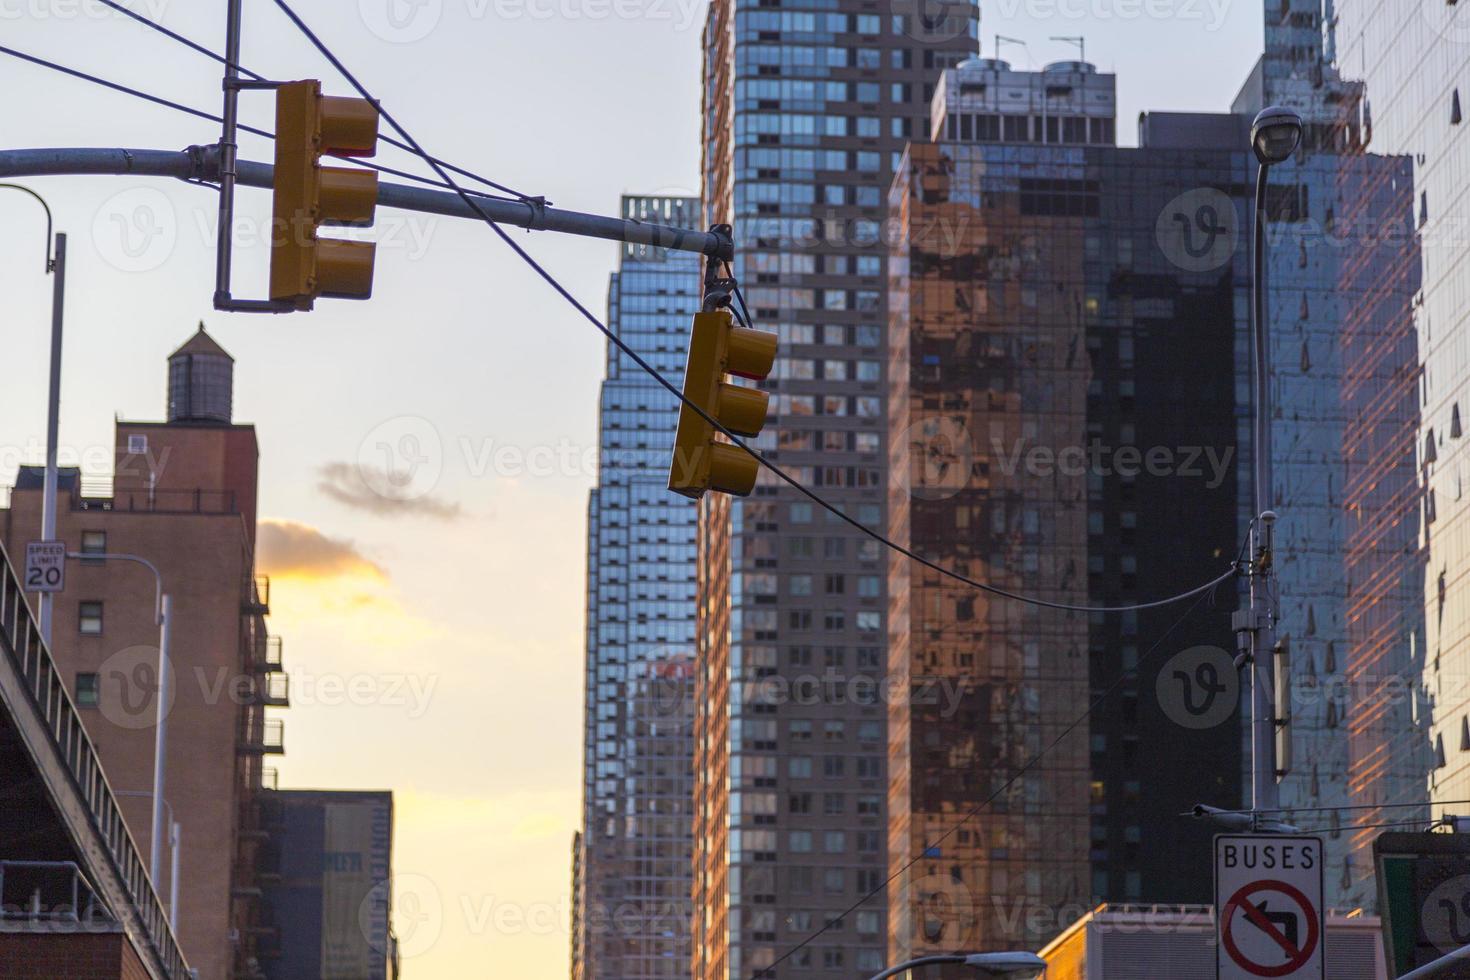 Feu de circulation avec des gratte-ciel en arrière-plan à New York au coucher du soleil photo